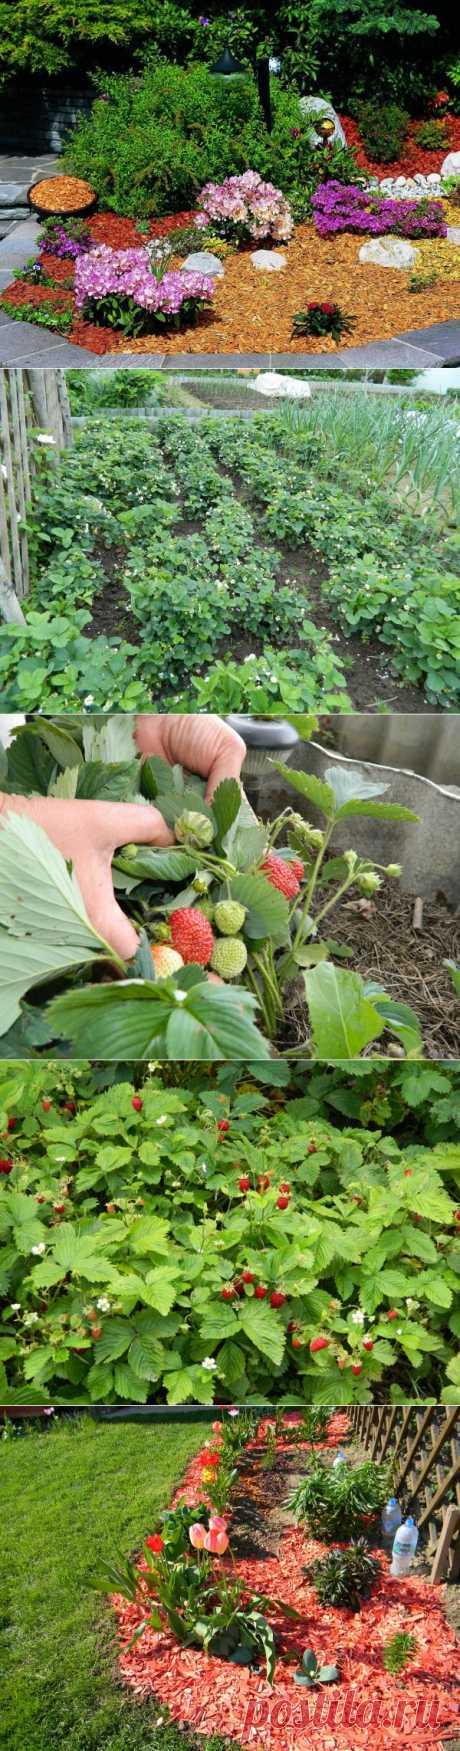 Удачные виды мульчи для сада и огорода | Самоцветик